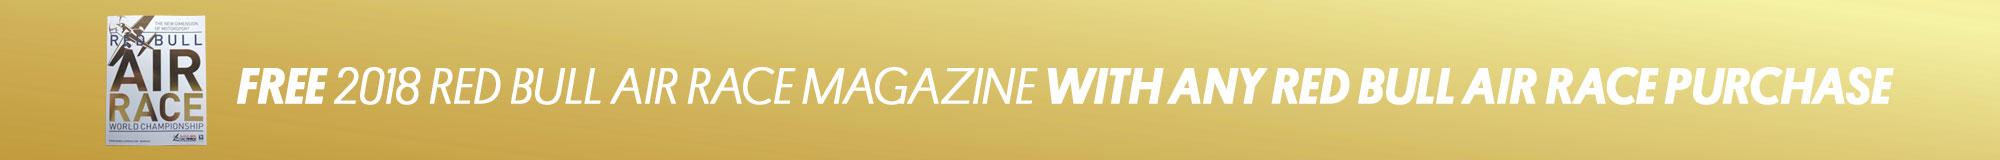 homepage-ims-small-redbull-freemagazine-2018-2.jpg